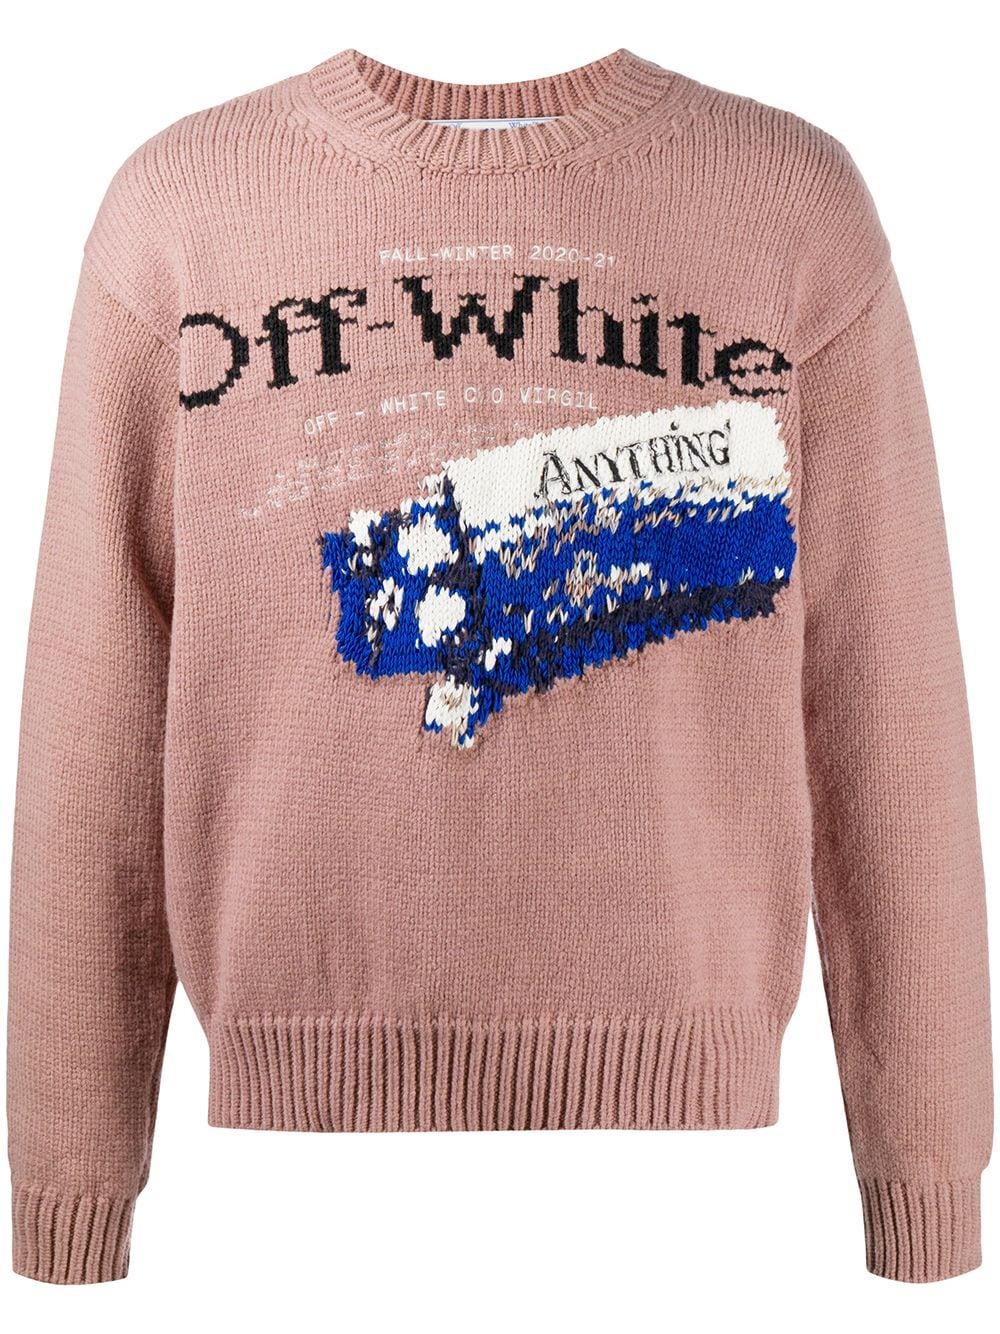 Off-White maglione con grafica